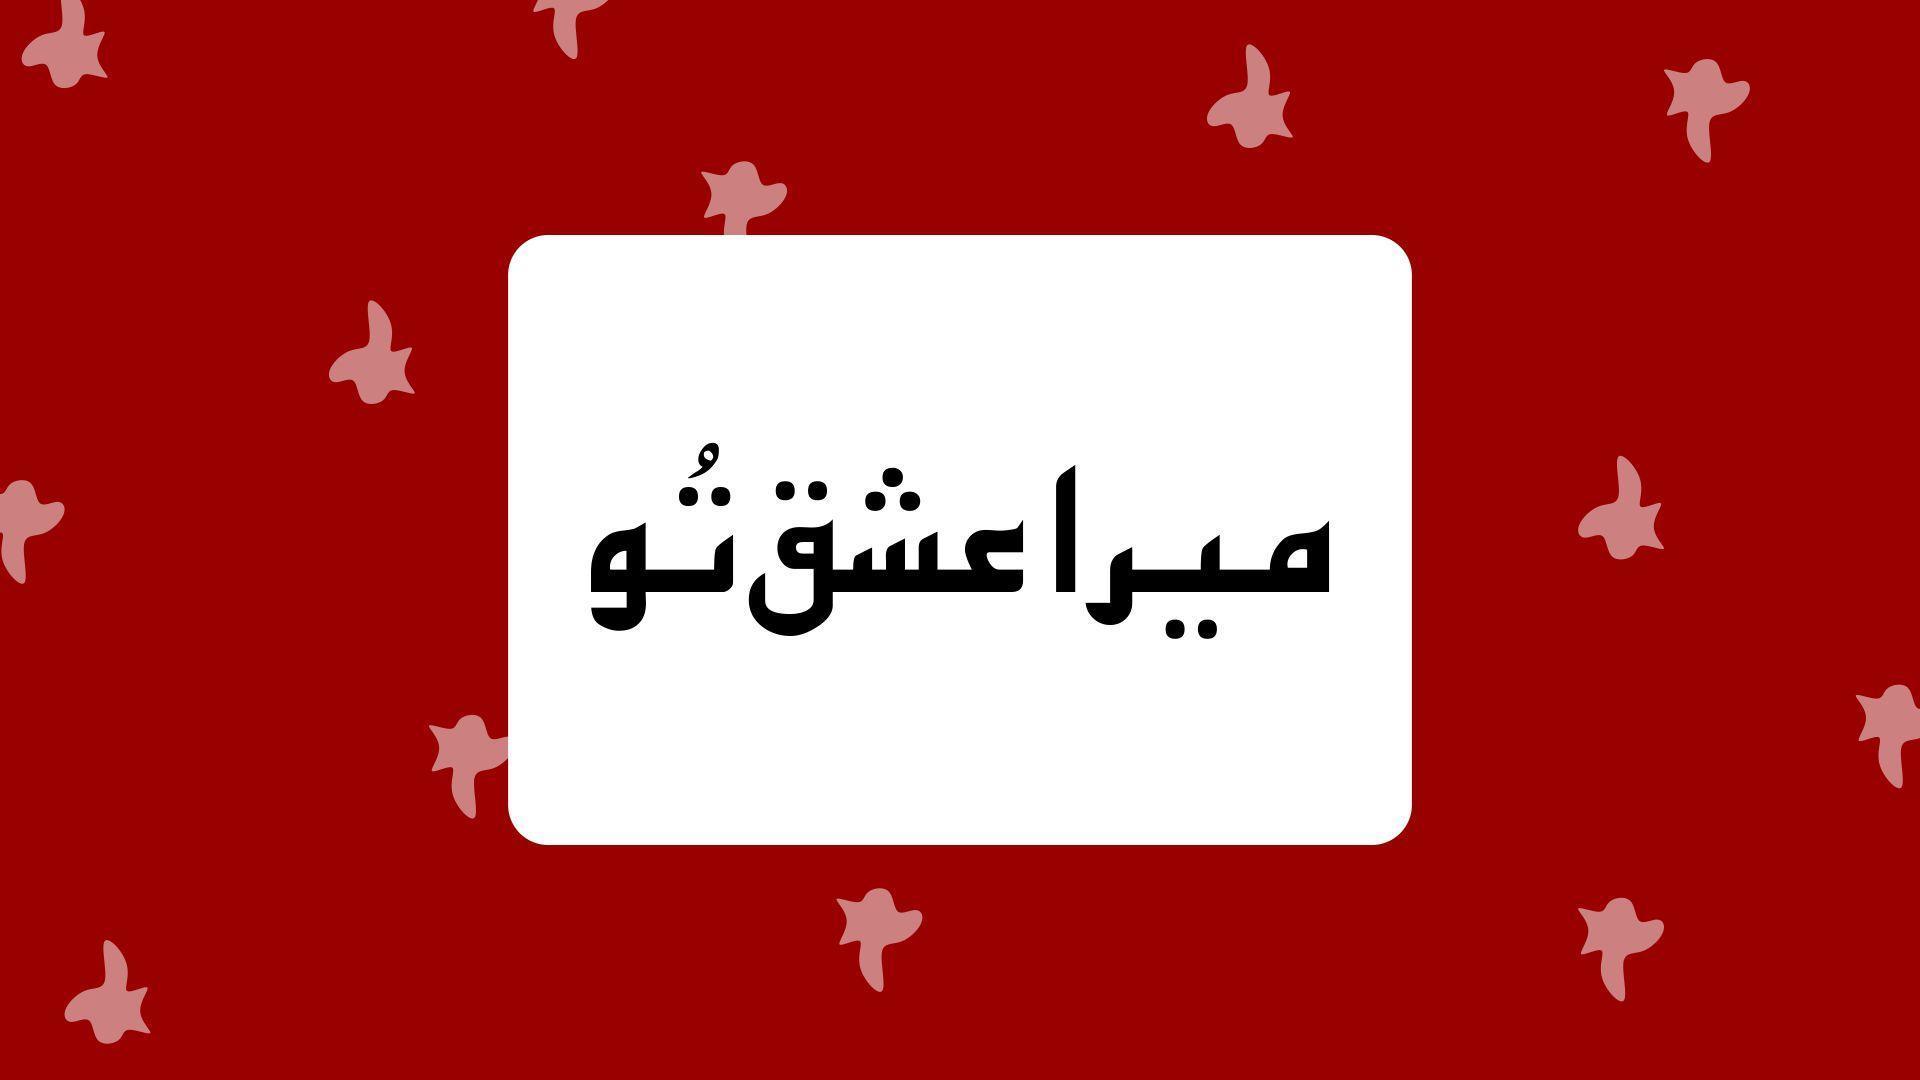 Mera Ishq Tu-Sana Khaliq for Android - APK Download